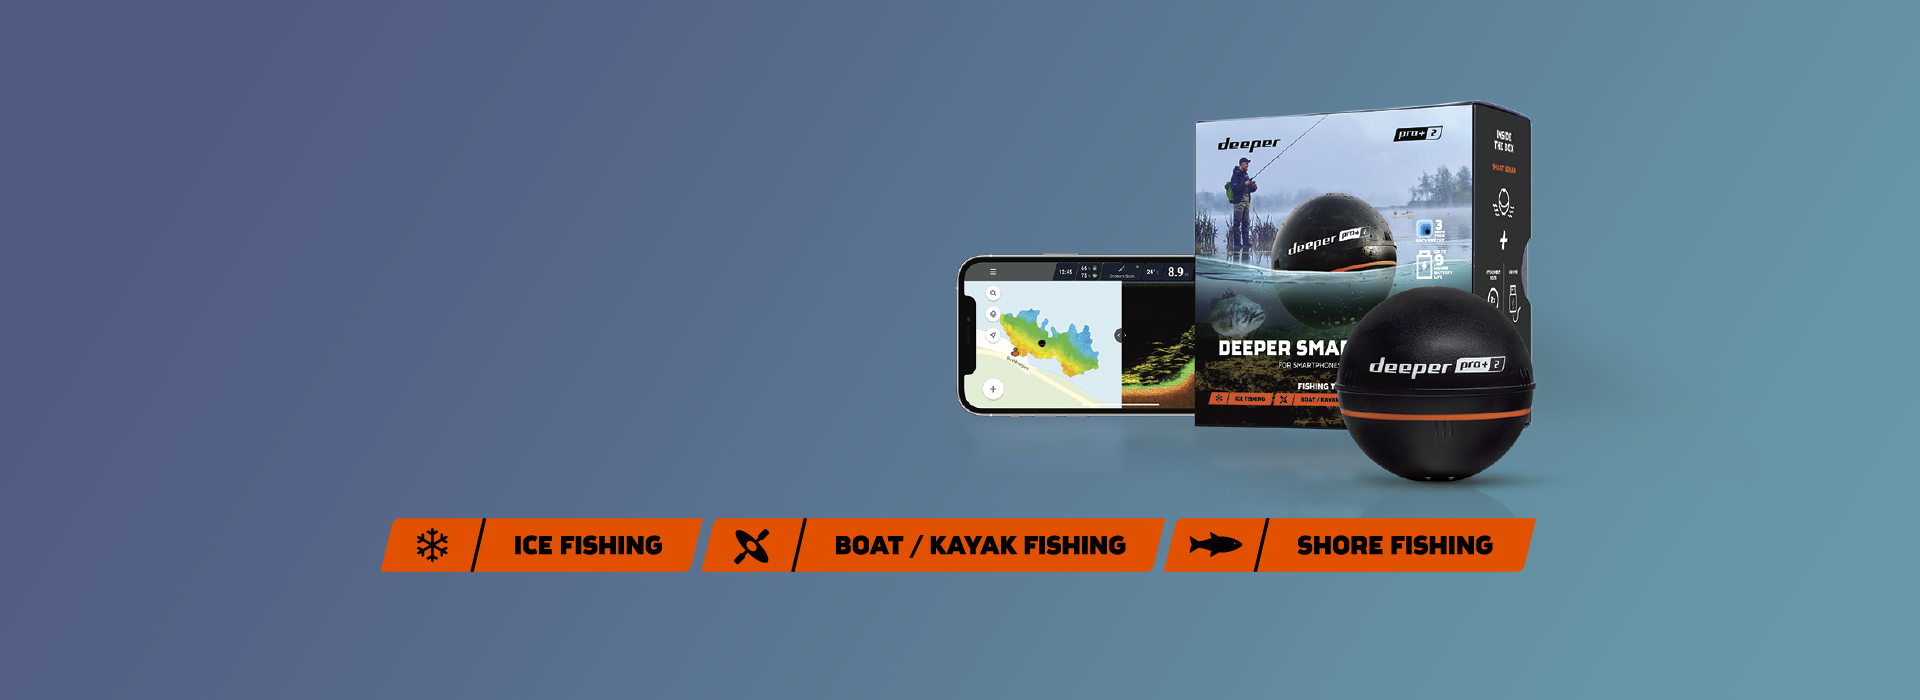 Naujasis Deeper PRO+ 2!  Pamėgtas žvejų visame pasaulyje. Patobulintas ir dar geresnis.